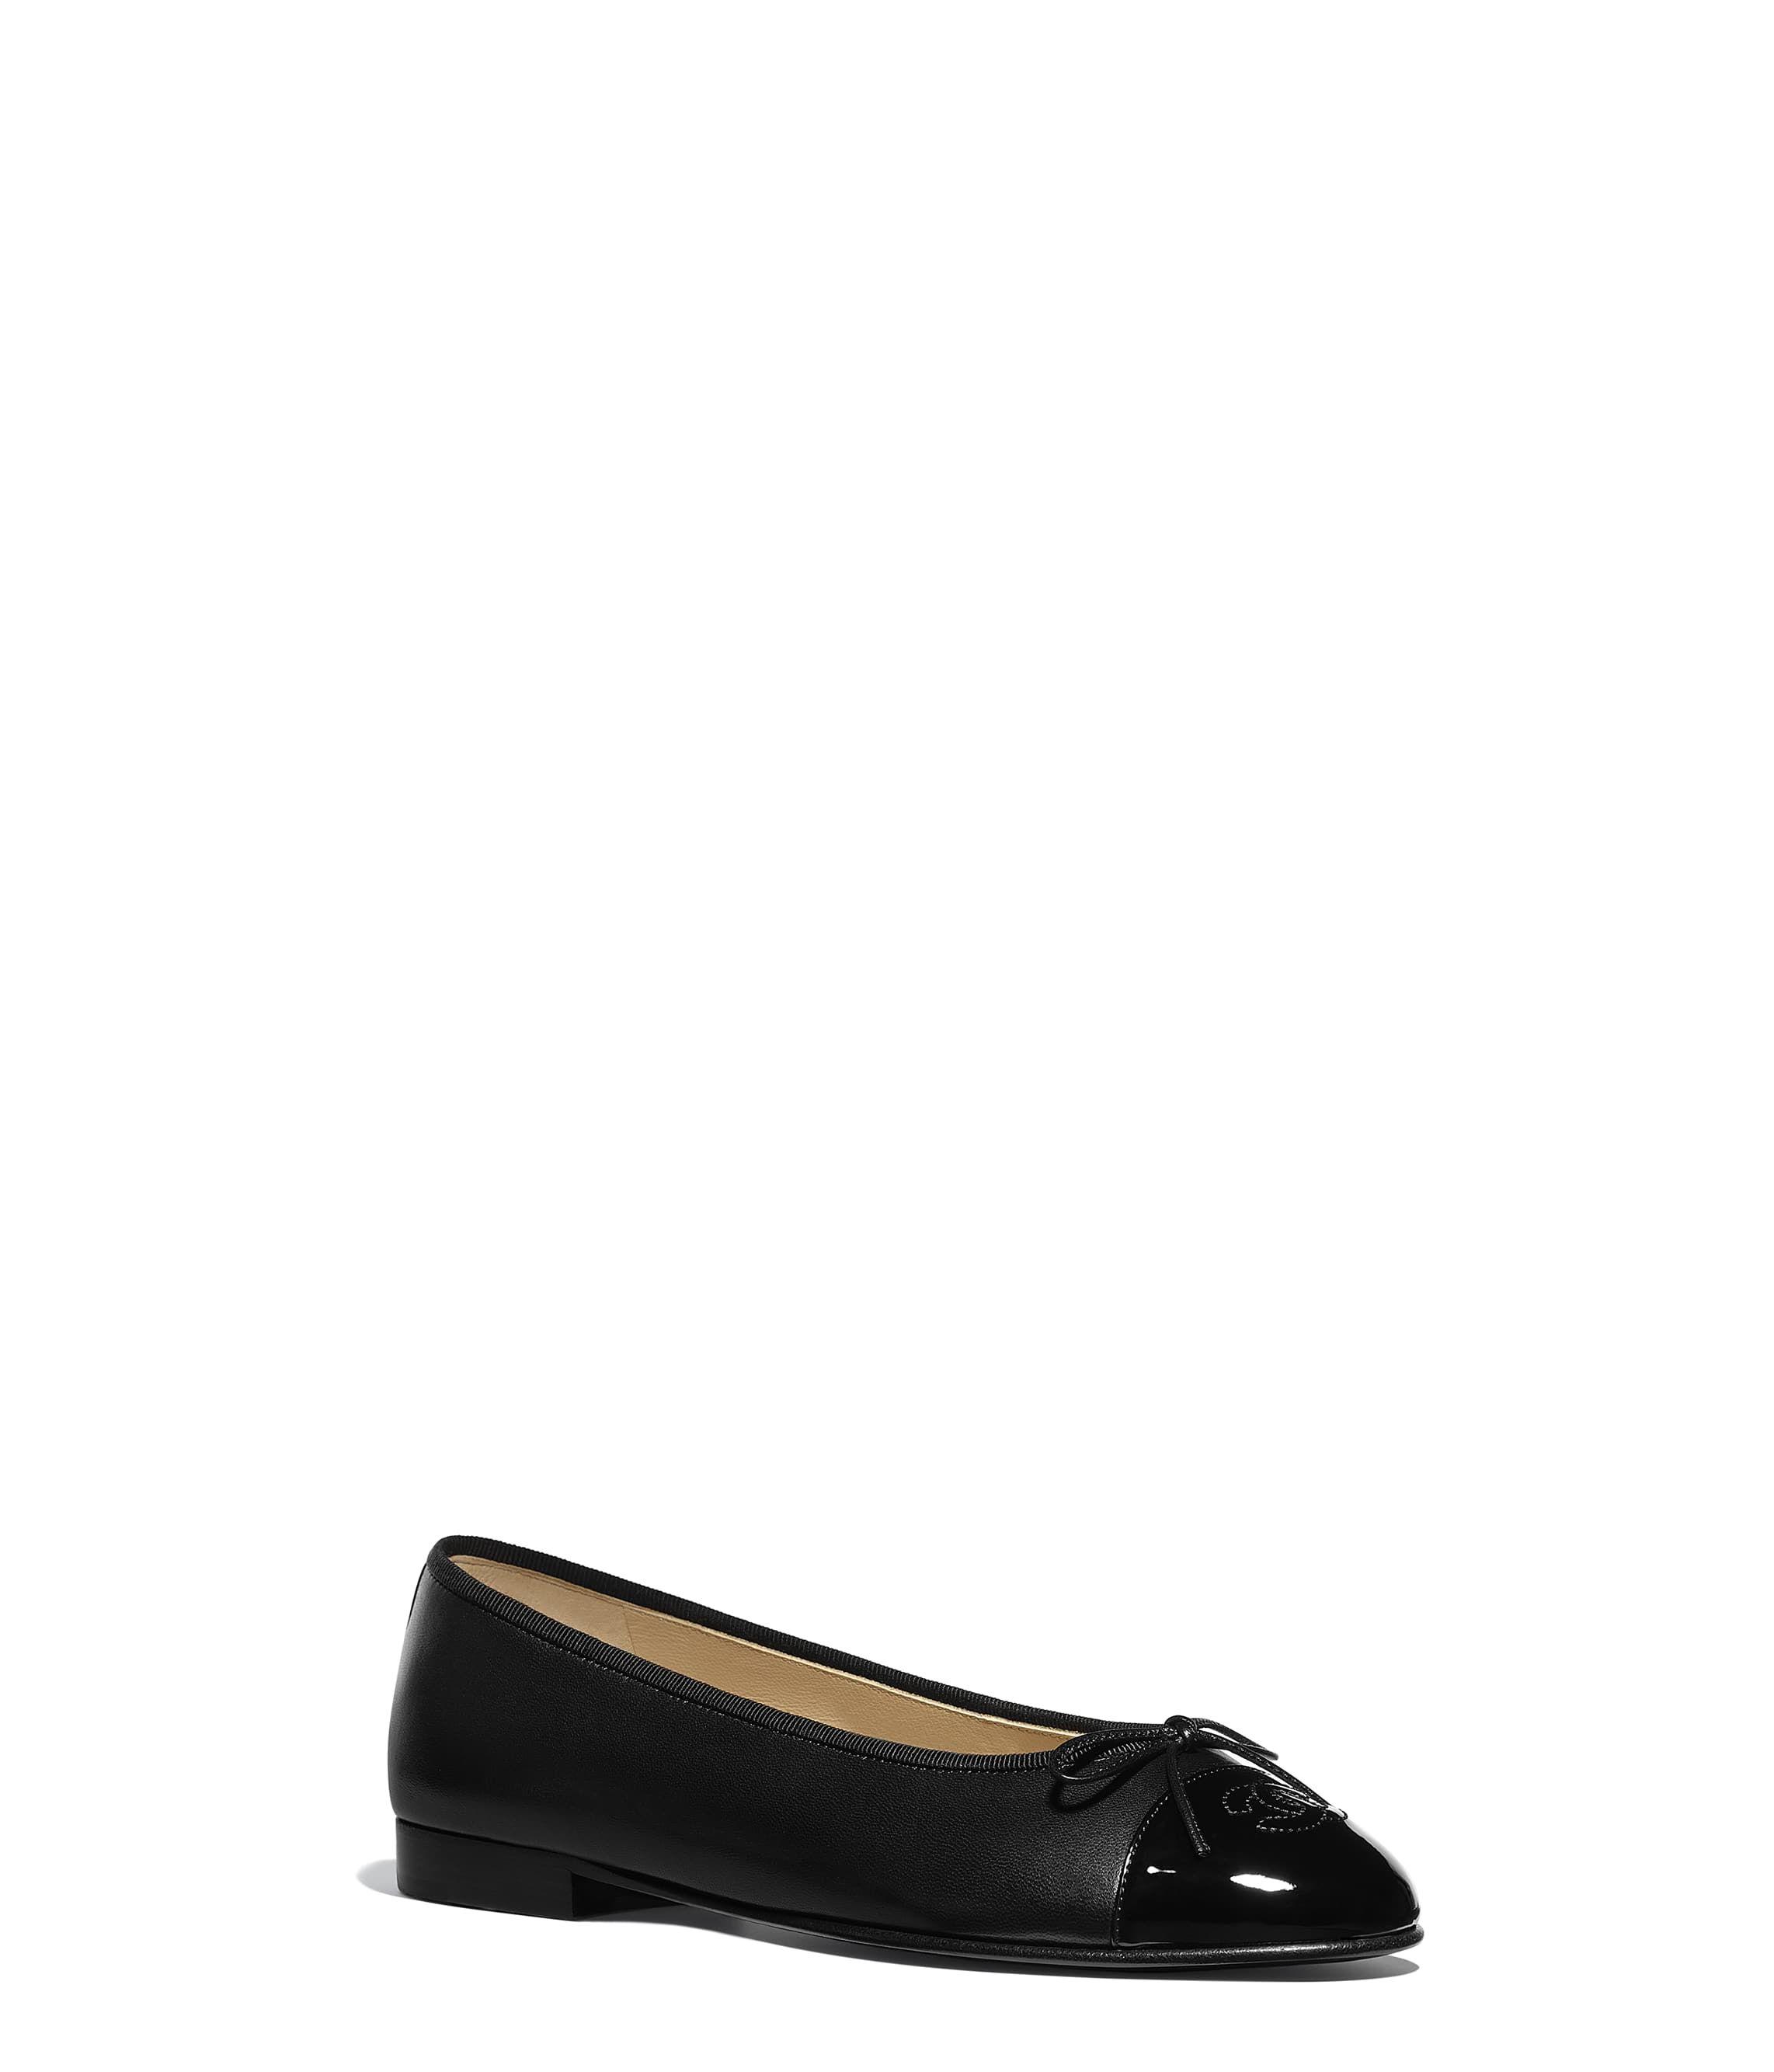 a9a825fcc64 Chanel - Black lambskin   patent calfskin ballerinas